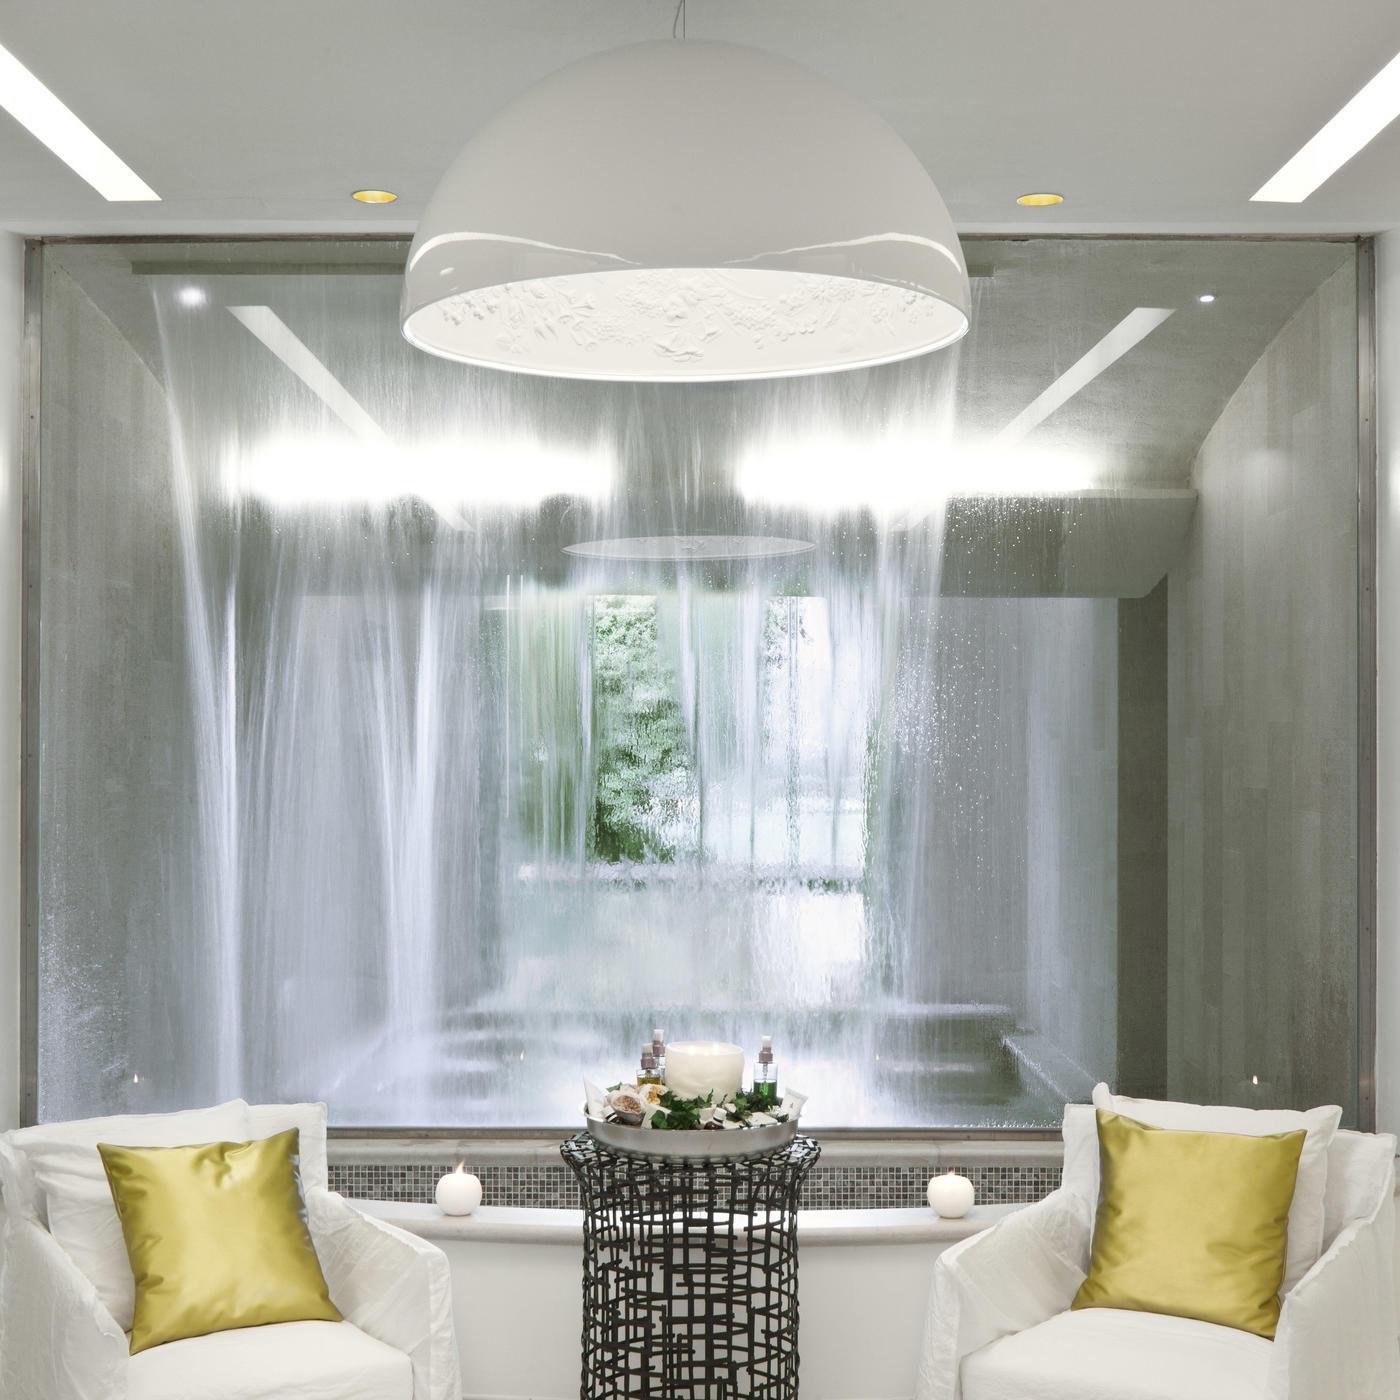 Relaxation Room Villa Le Maschere Firenze